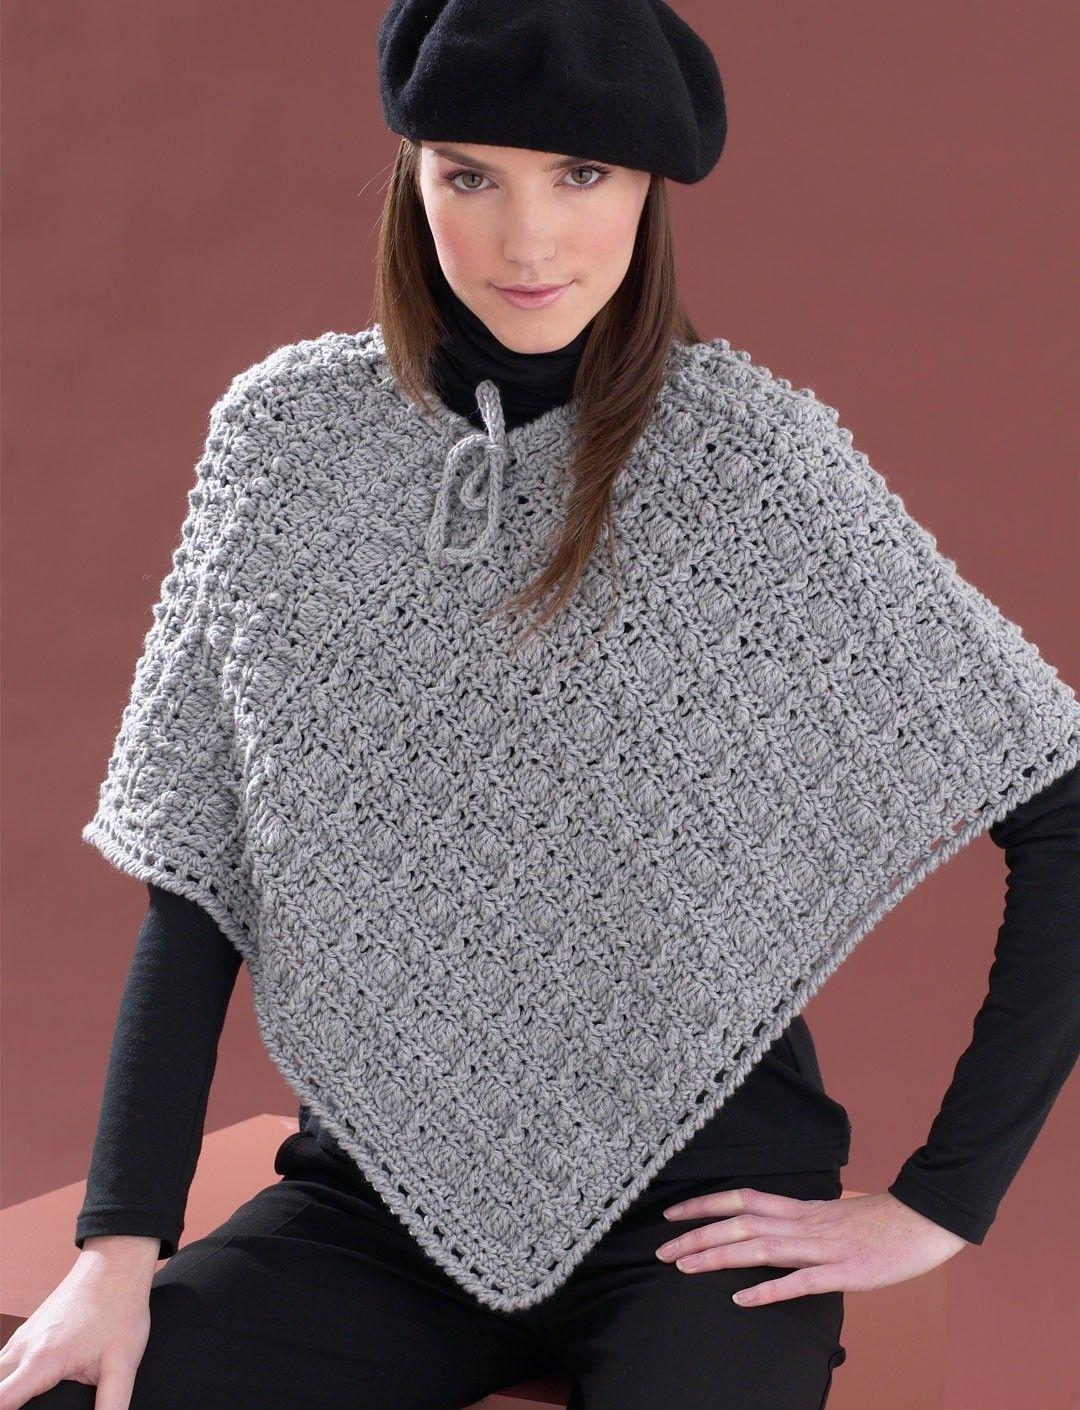 Easy Poncho Knitting Pattern Free : Yarnspirations bernat perfect patterned poncho